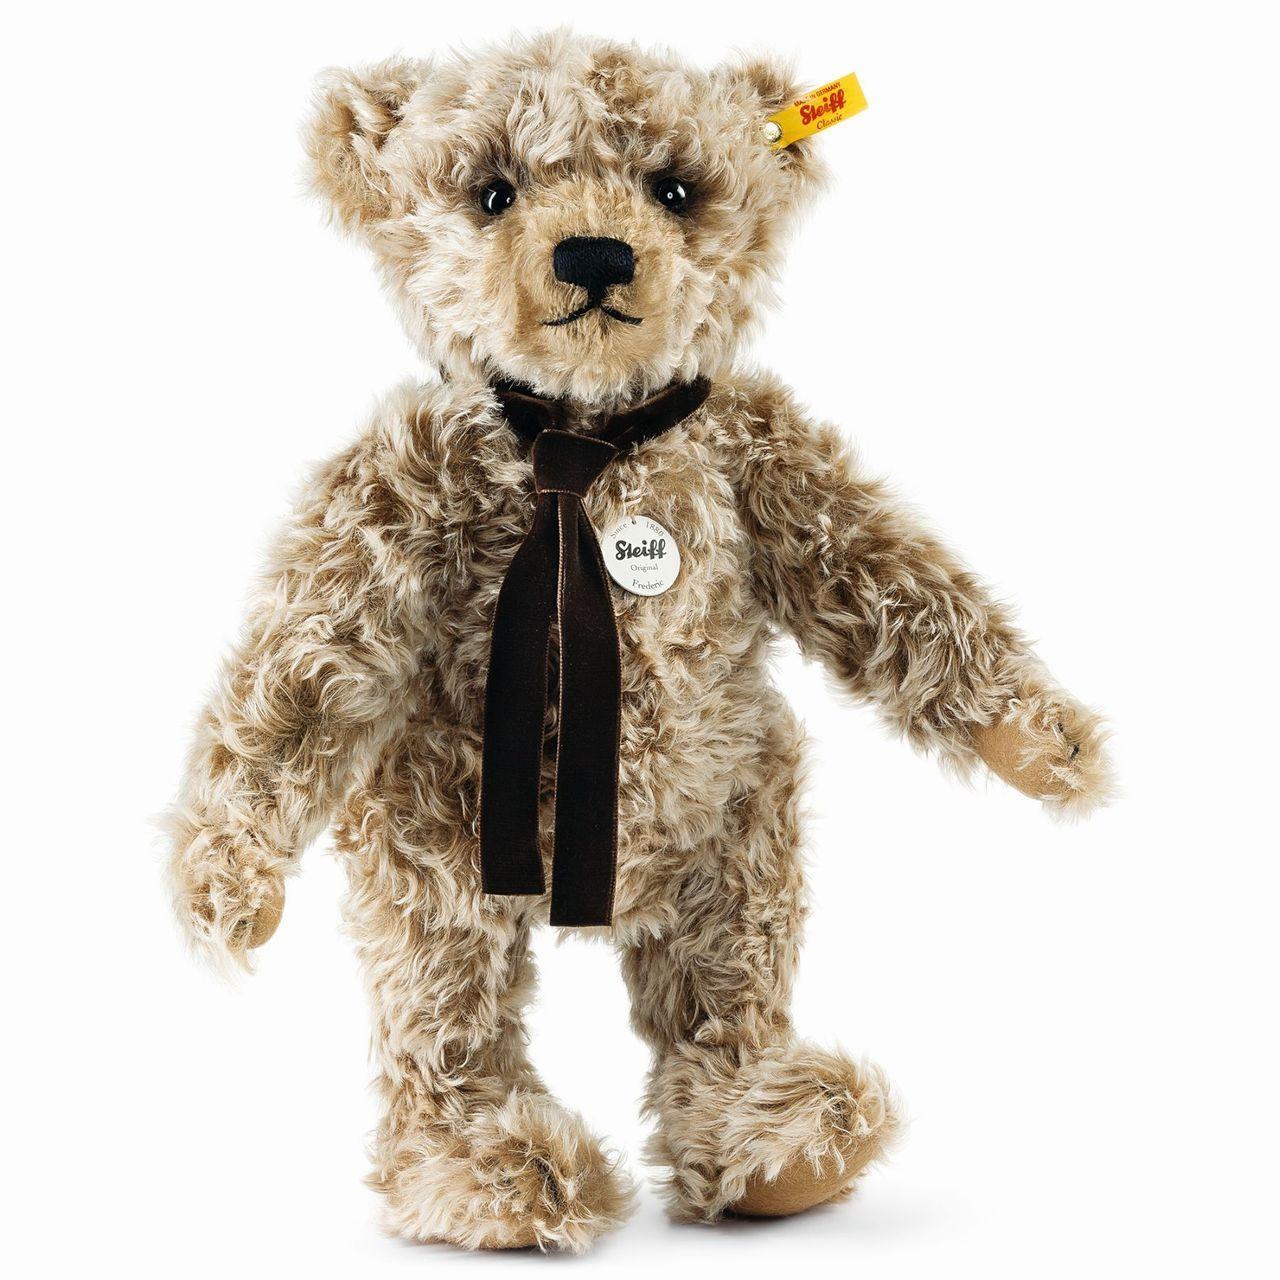 Teddy Bear Frederic Steiff EAN 000478 in 2020 Bear